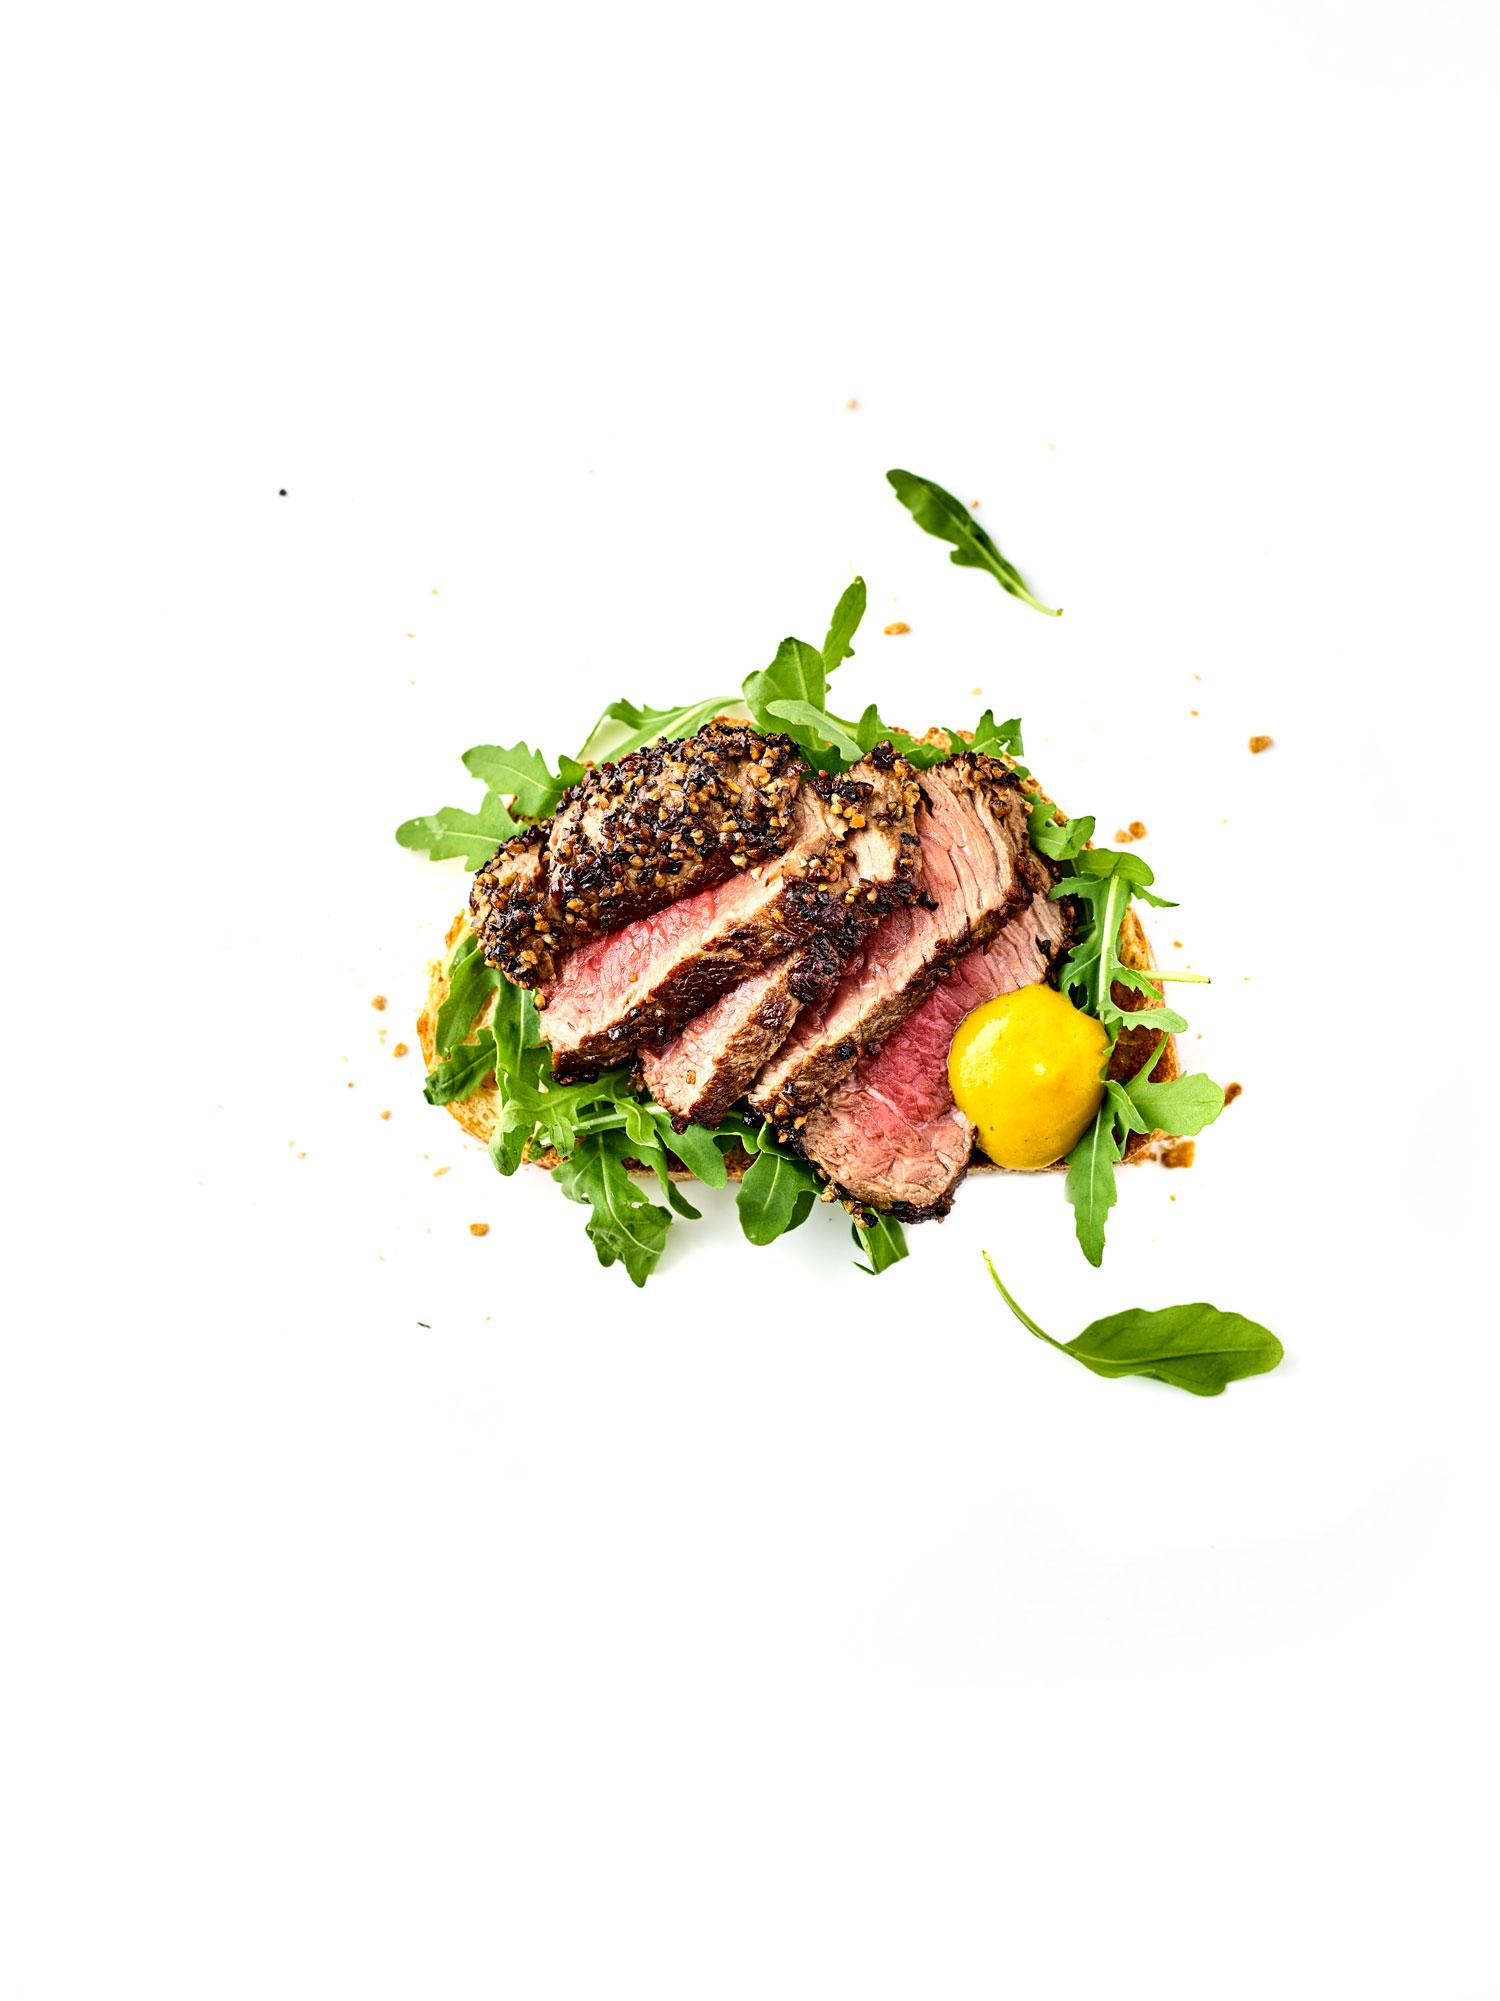 Steak-mustard-sandwich copy